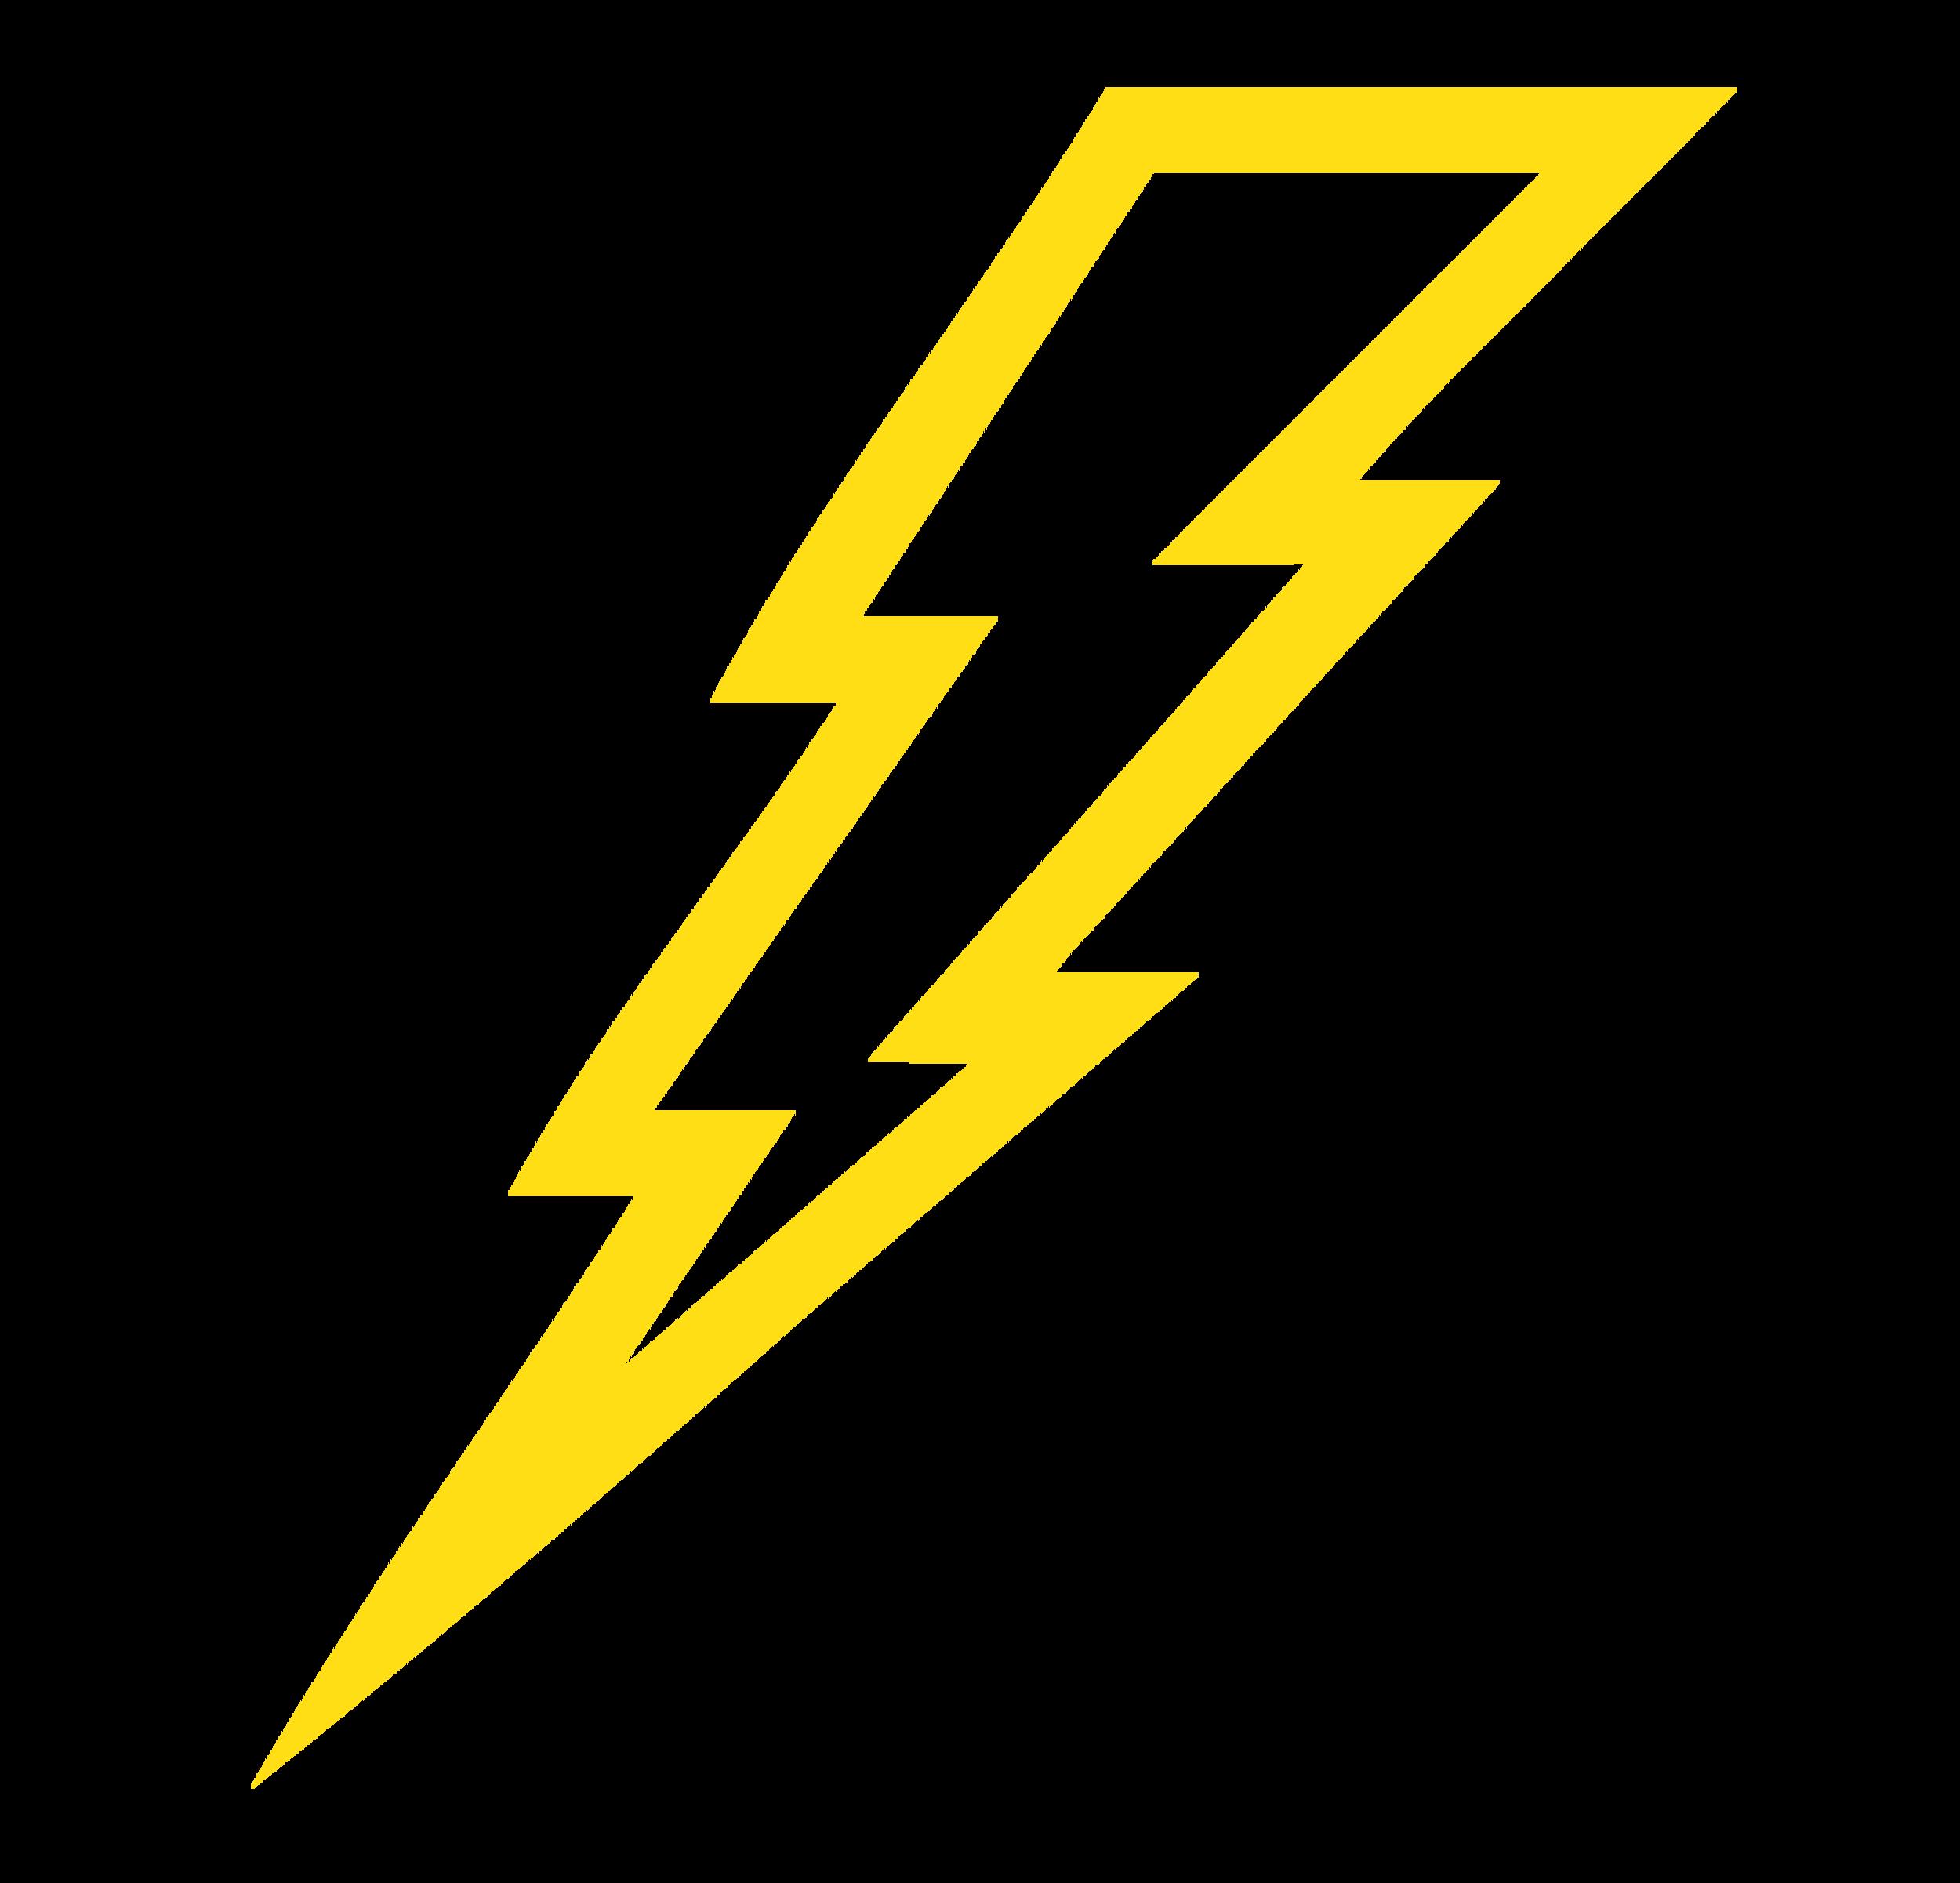 Lighting Bolt.